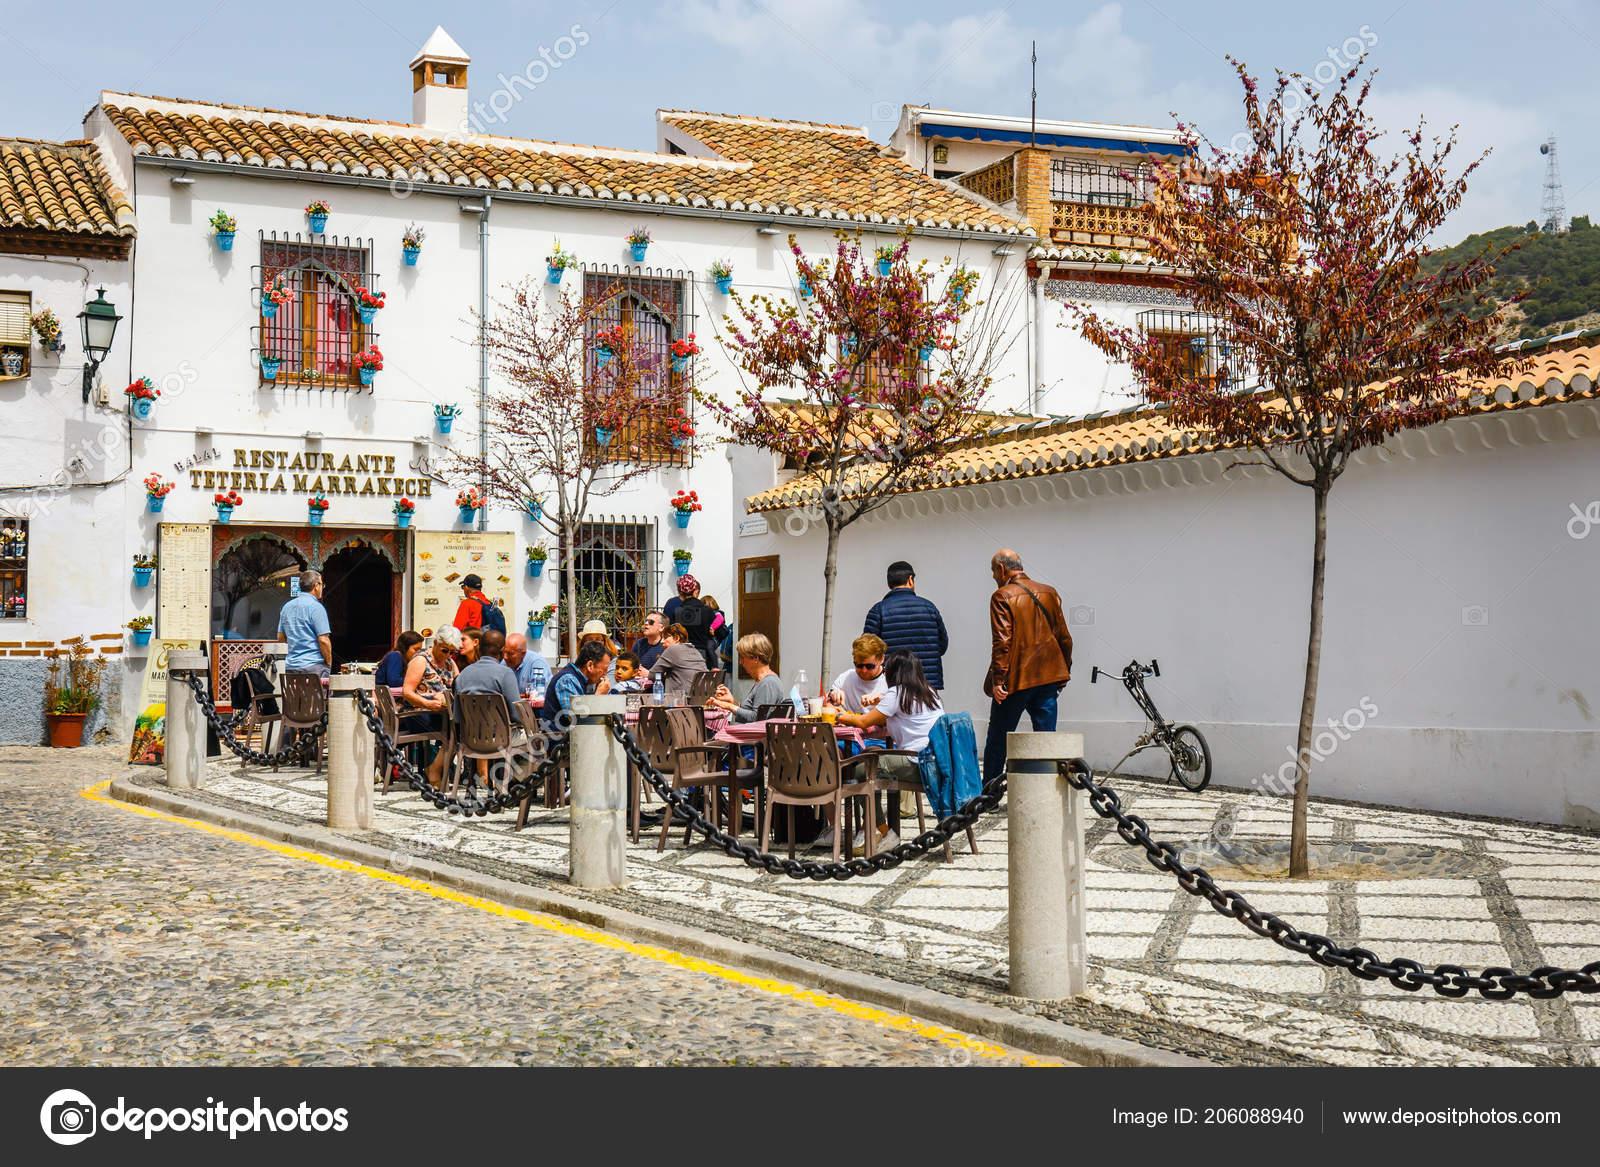 Granada Spain April 2018 Traditional Arabic Architecture Andalusia